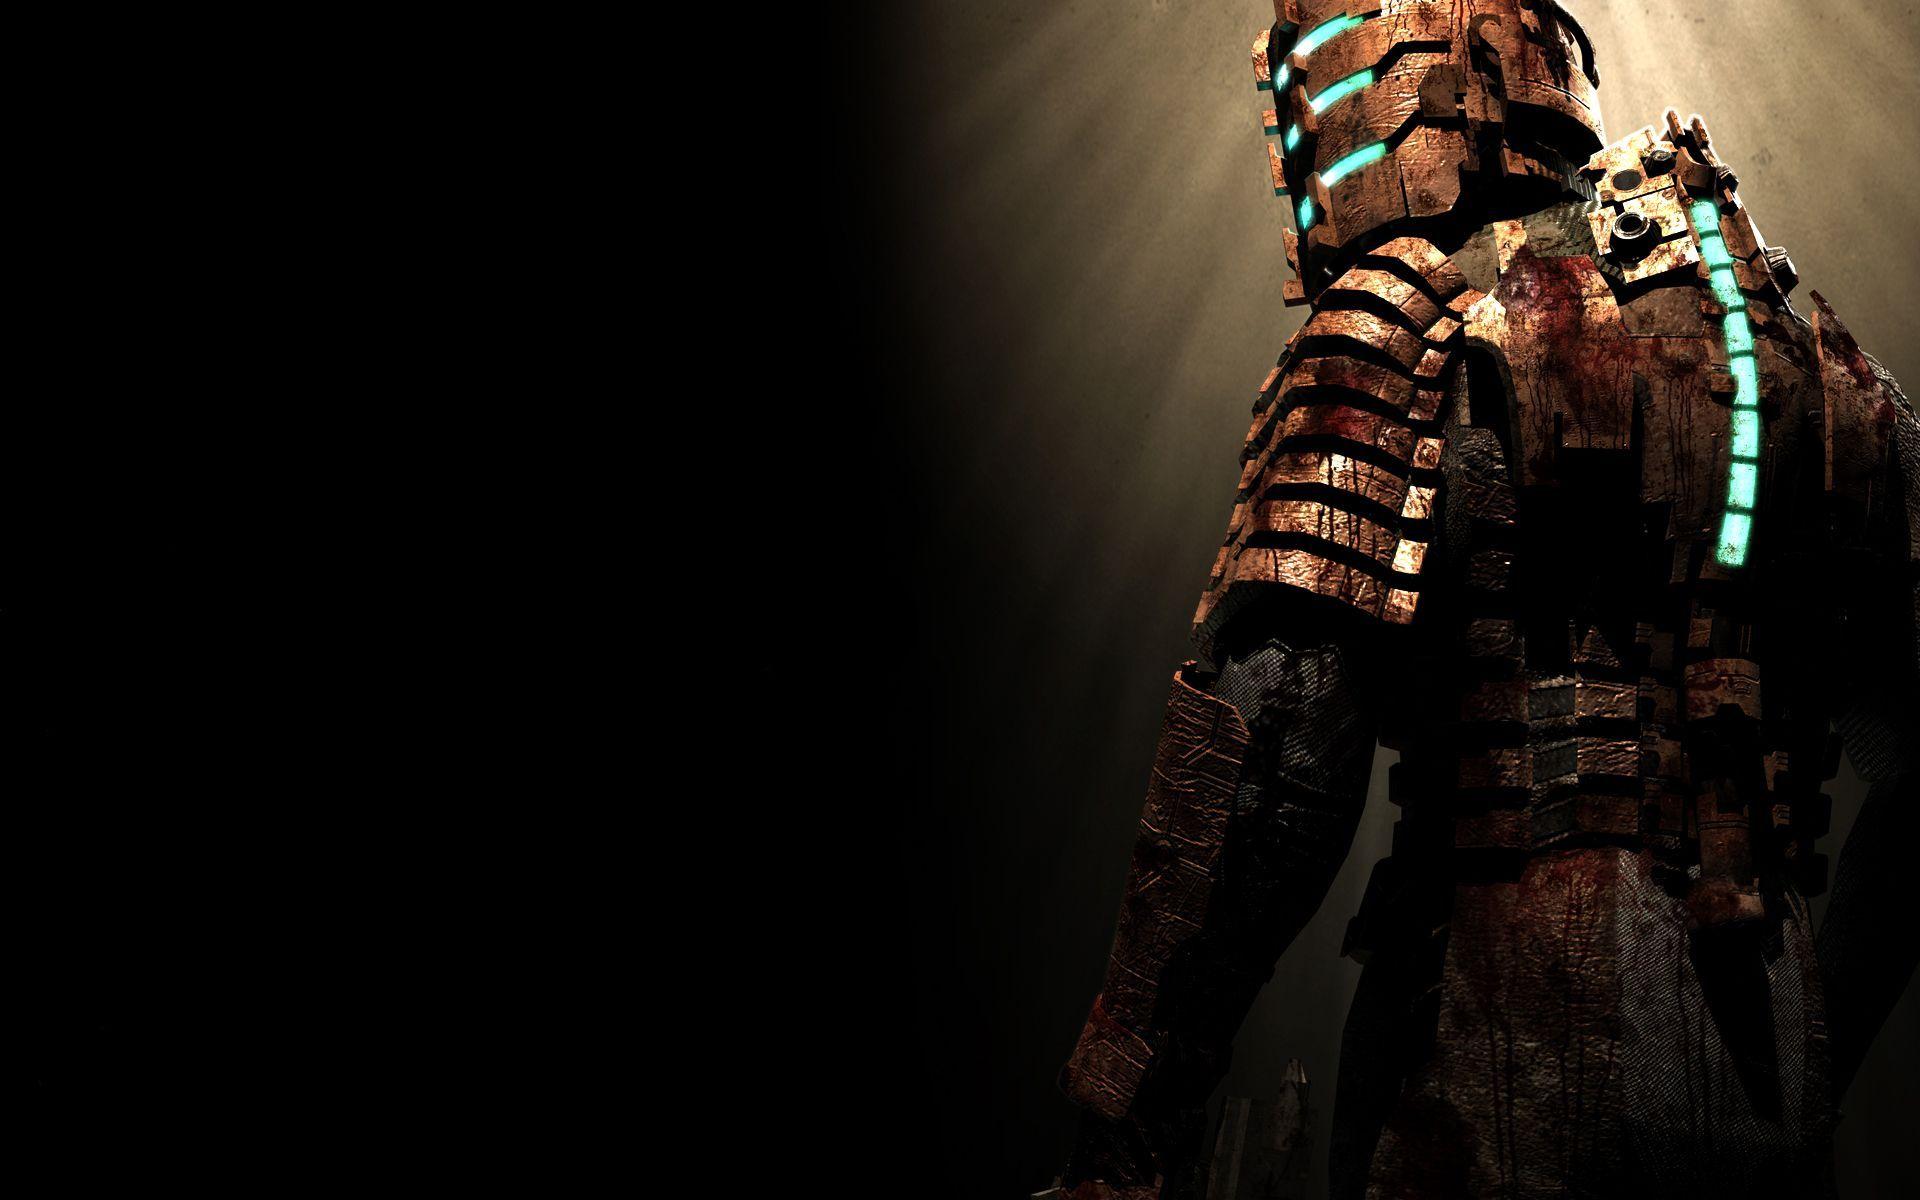 Dead Space 2 Wallpaper Hd Dead Space Hd Wallpapers 1080p